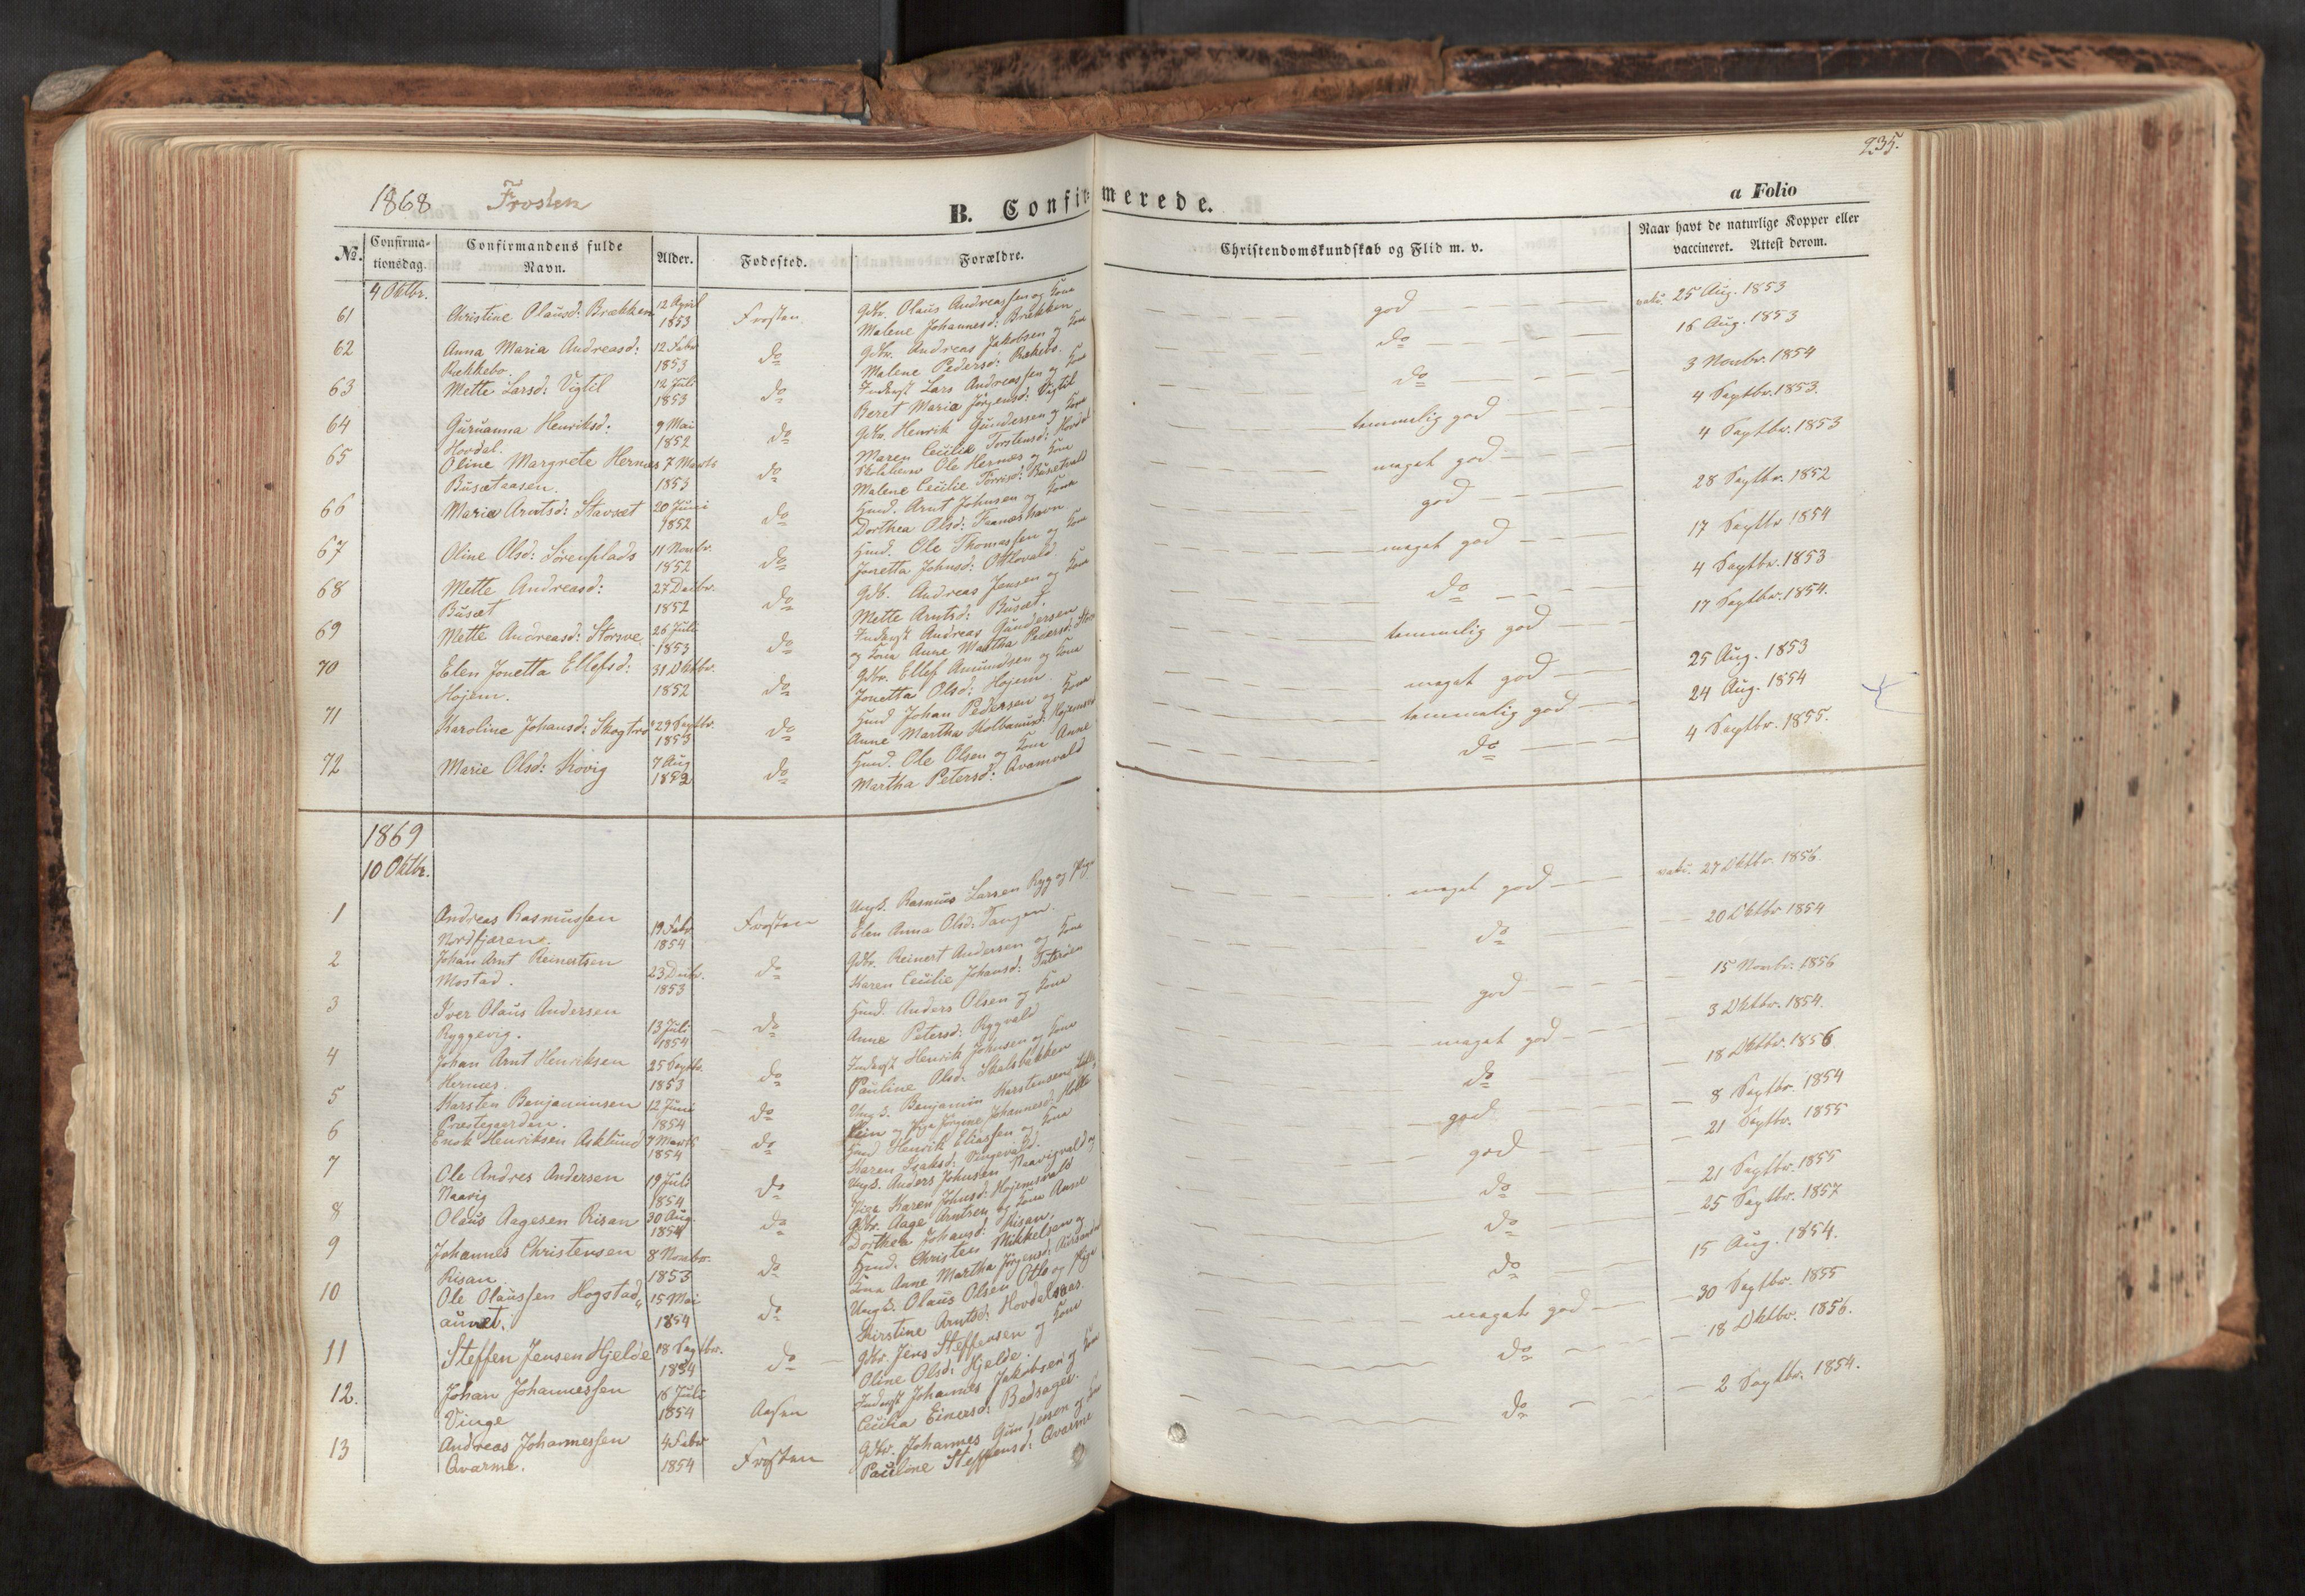 SAT, Ministerialprotokoller, klokkerbøker og fødselsregistre - Nord-Trøndelag, 713/L0116: Ministerialbok nr. 713A07, 1850-1877, s. 235